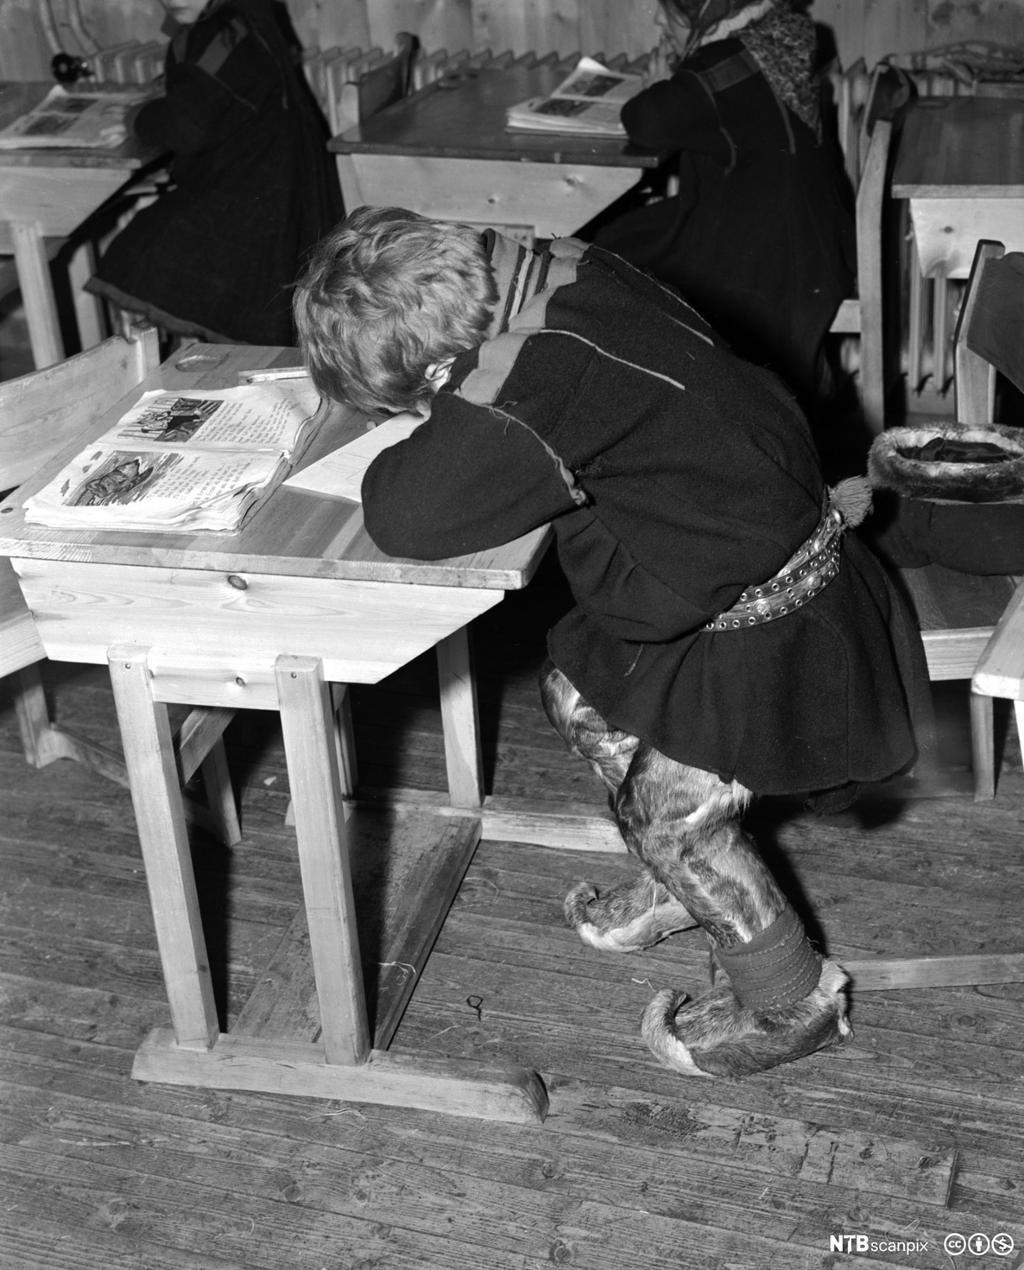 Fra internatskolen for flyttsame-barn i Karasjok, 1950. Barn sitter ved pultene. Foto.